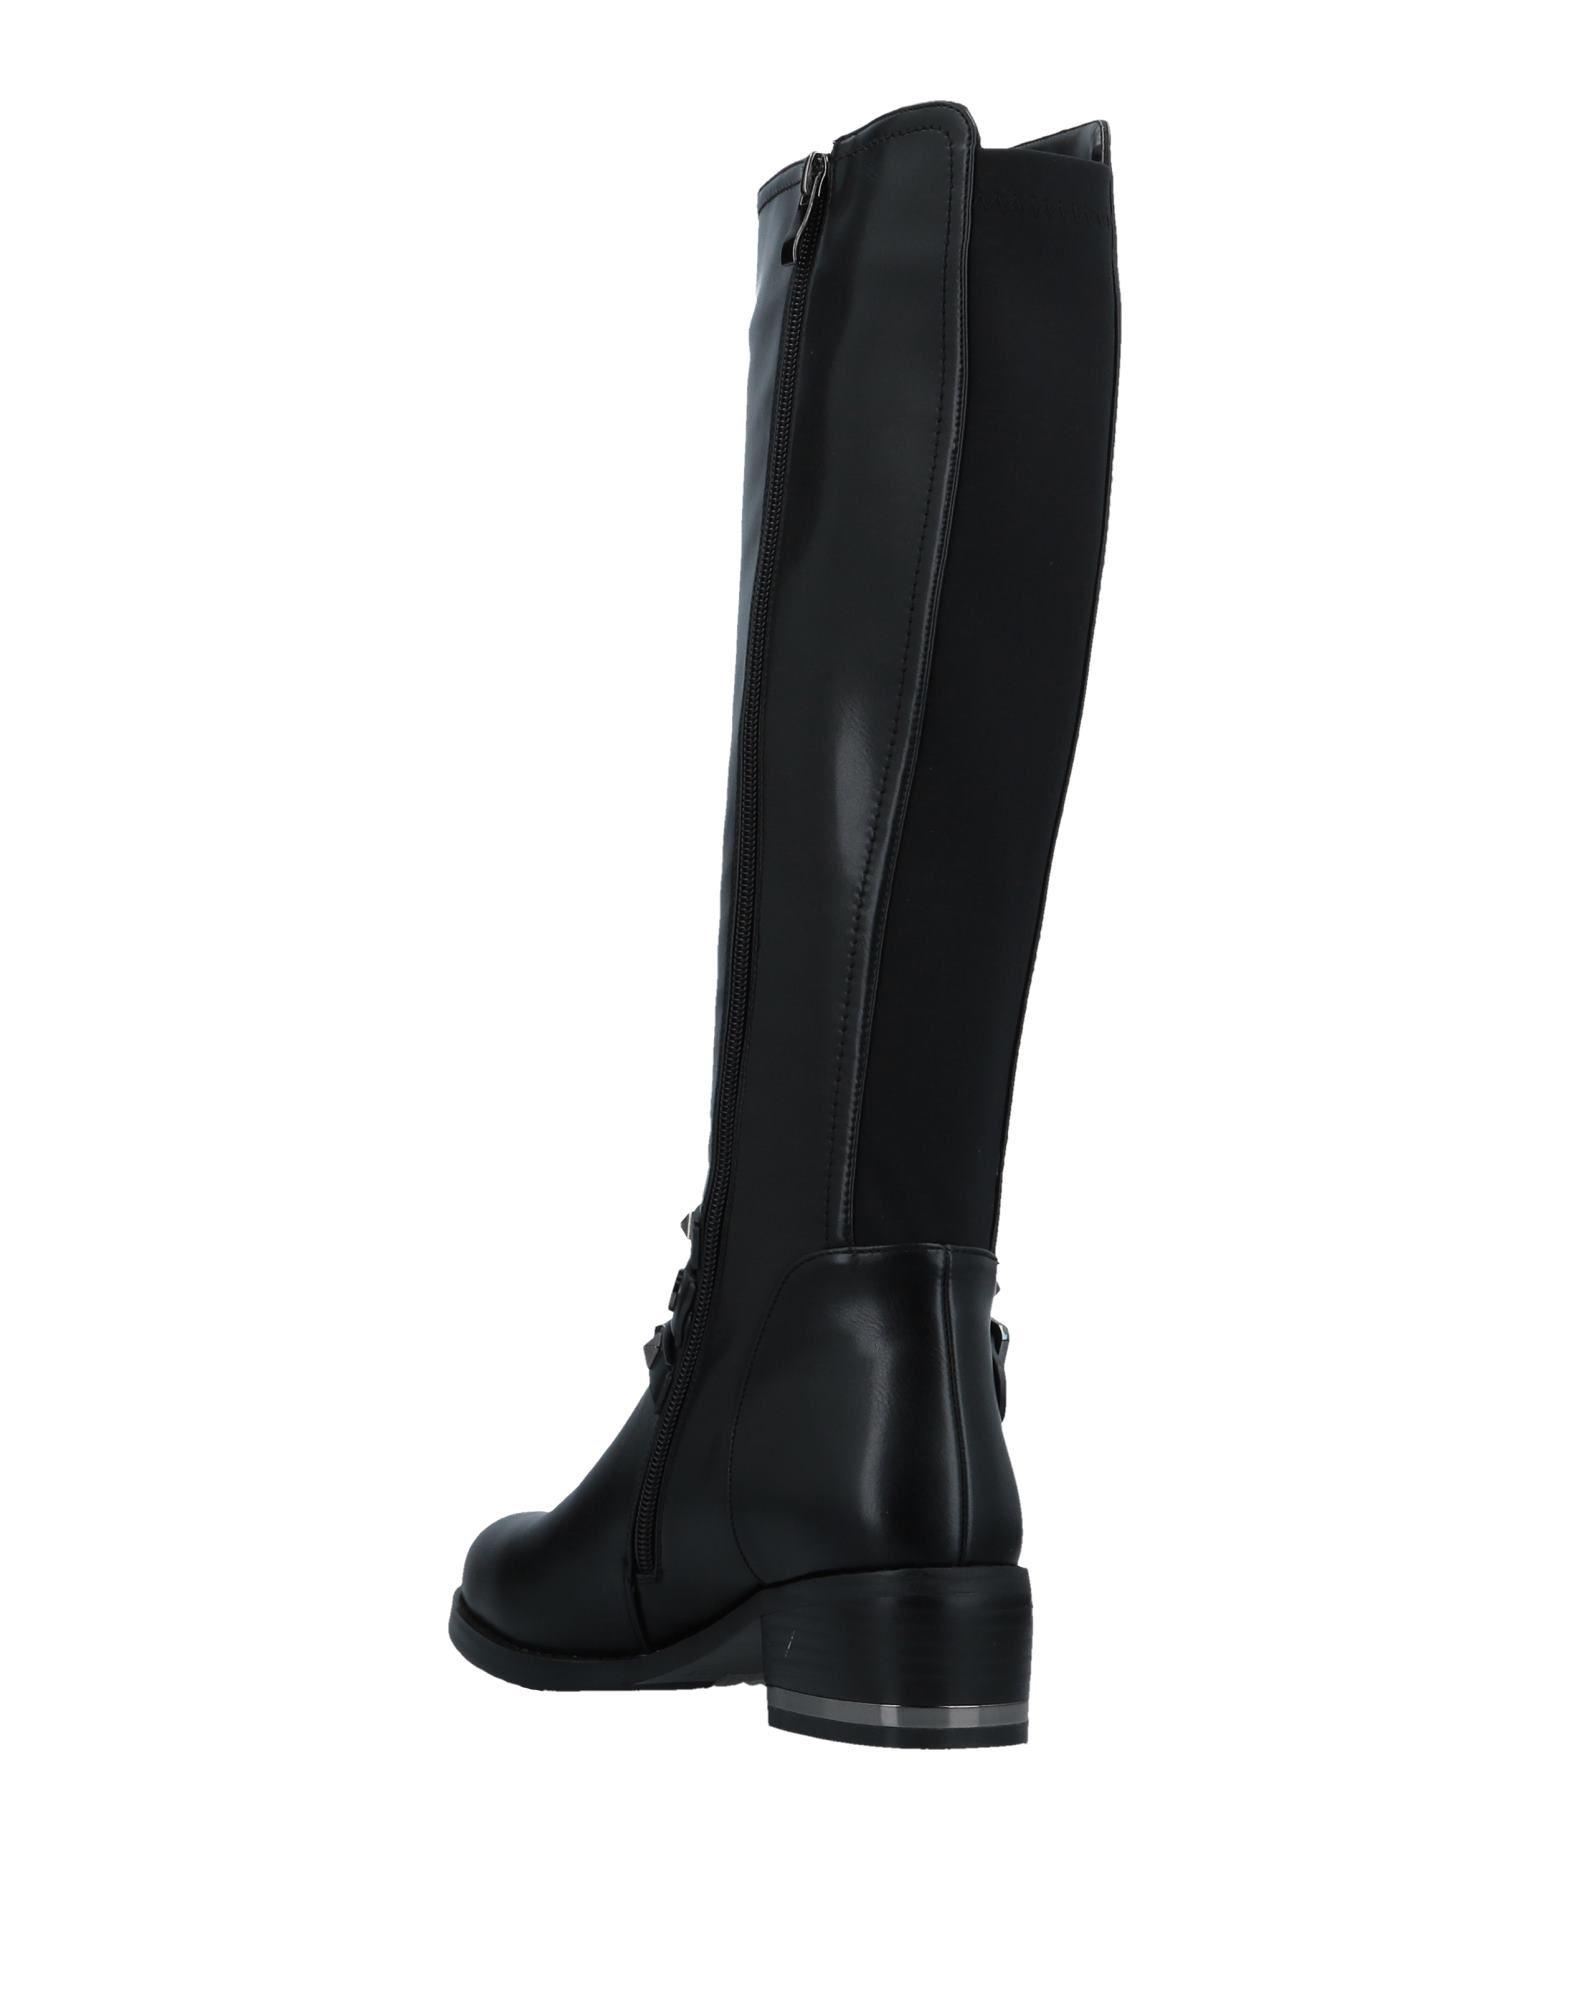 Laura Biagiotti Stiefel Damen  11509375LB Gute Qualität beliebte beliebte beliebte Schuhe ddba23